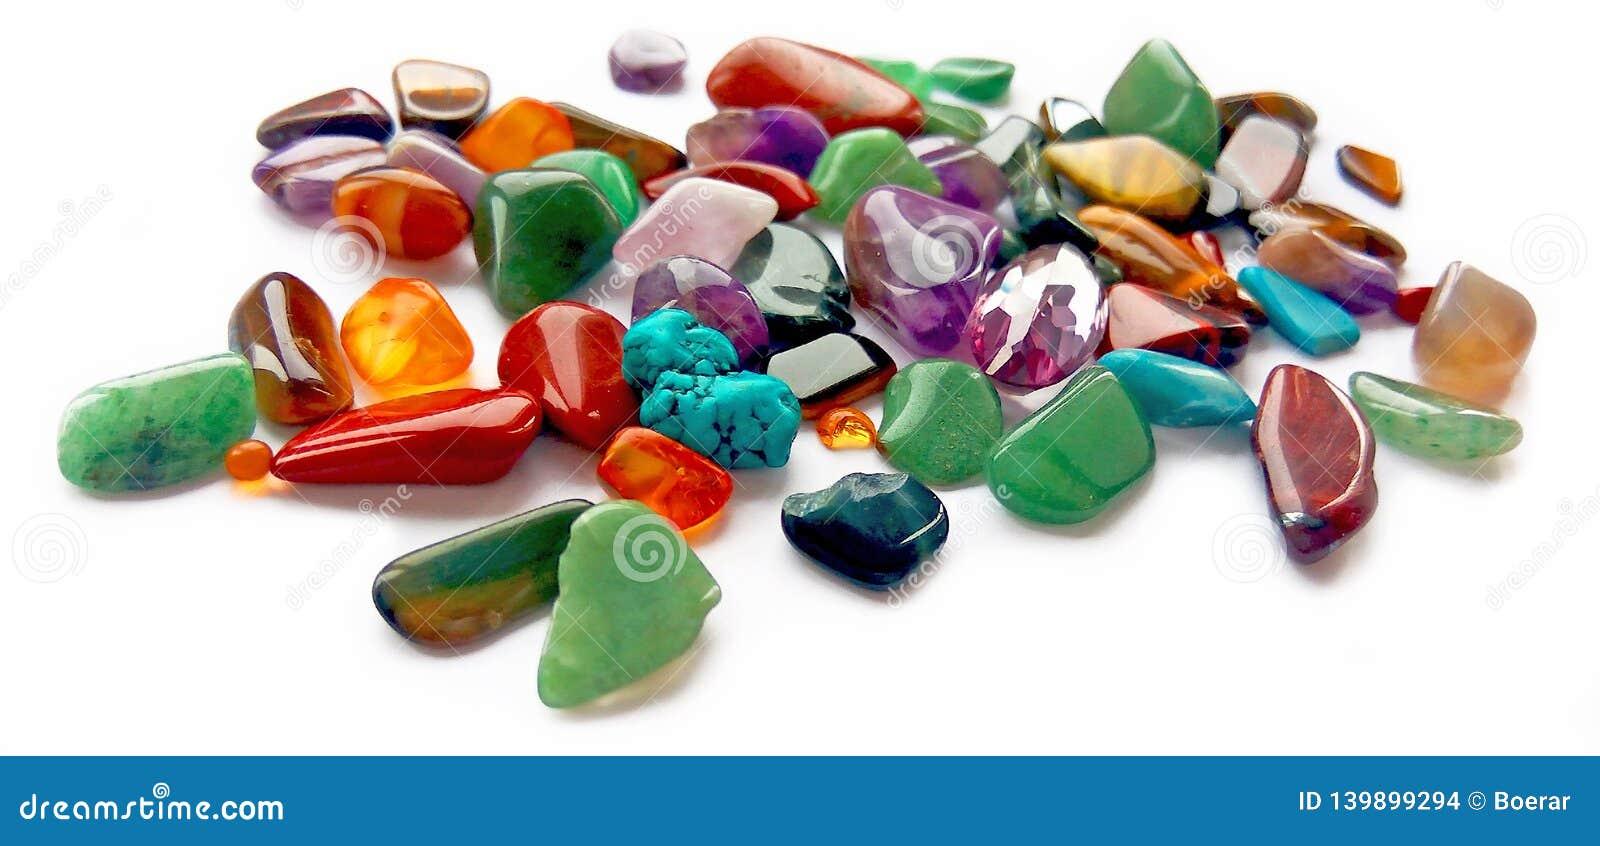 Pedras preciosas semi preciosas coloridas brilhantes naturais sortidos e gemas no fundo branco